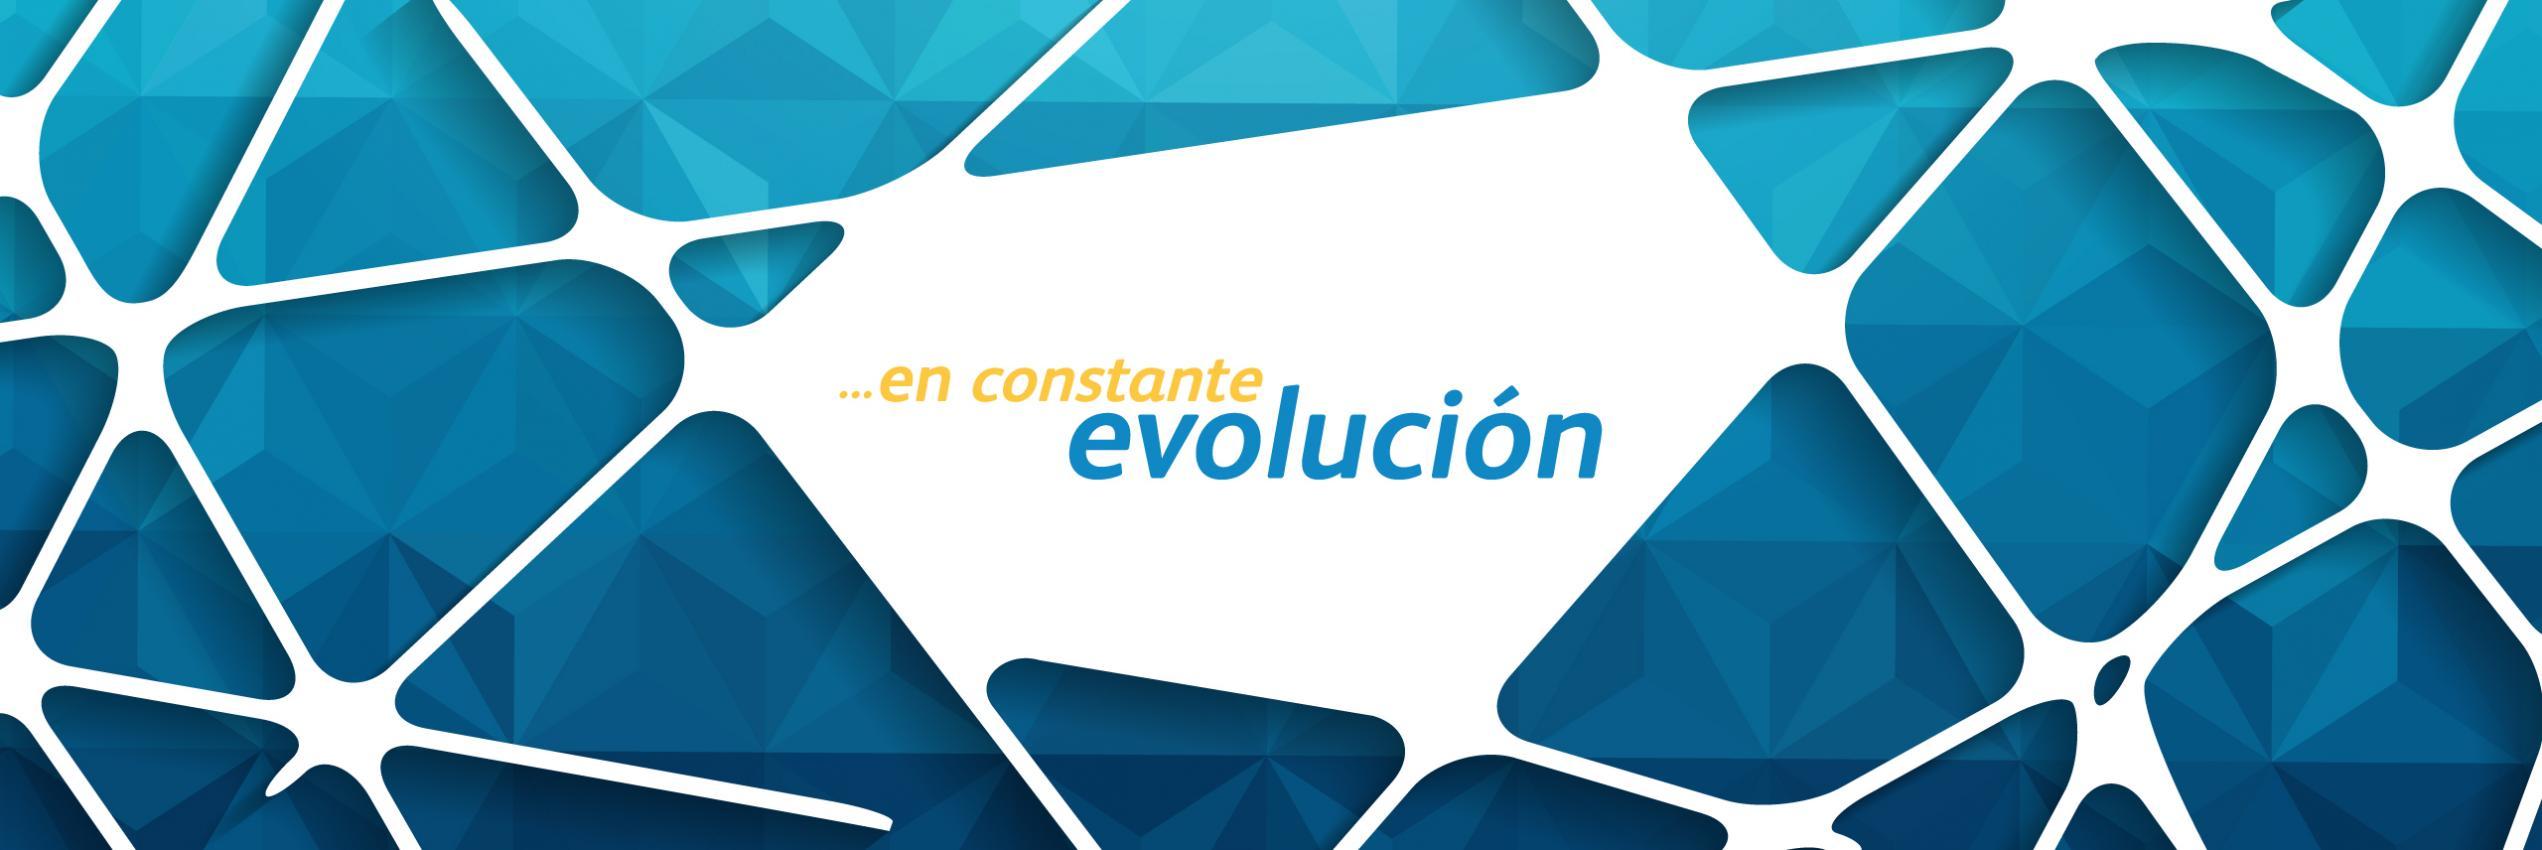 encuentros_en_constante_evolucion